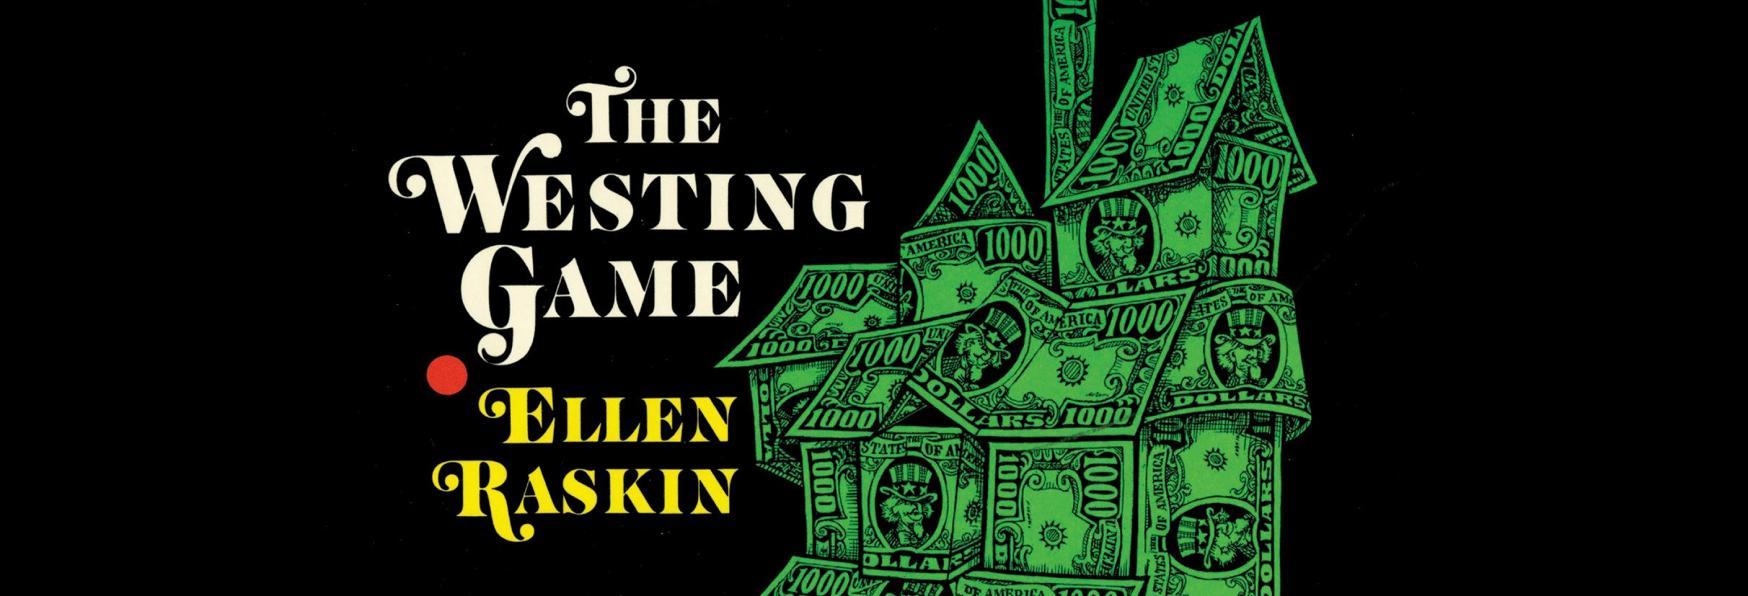 The Westing Game: in arrivo una nuova Serie TV HBO Max adattamento del Romanzo Giallo